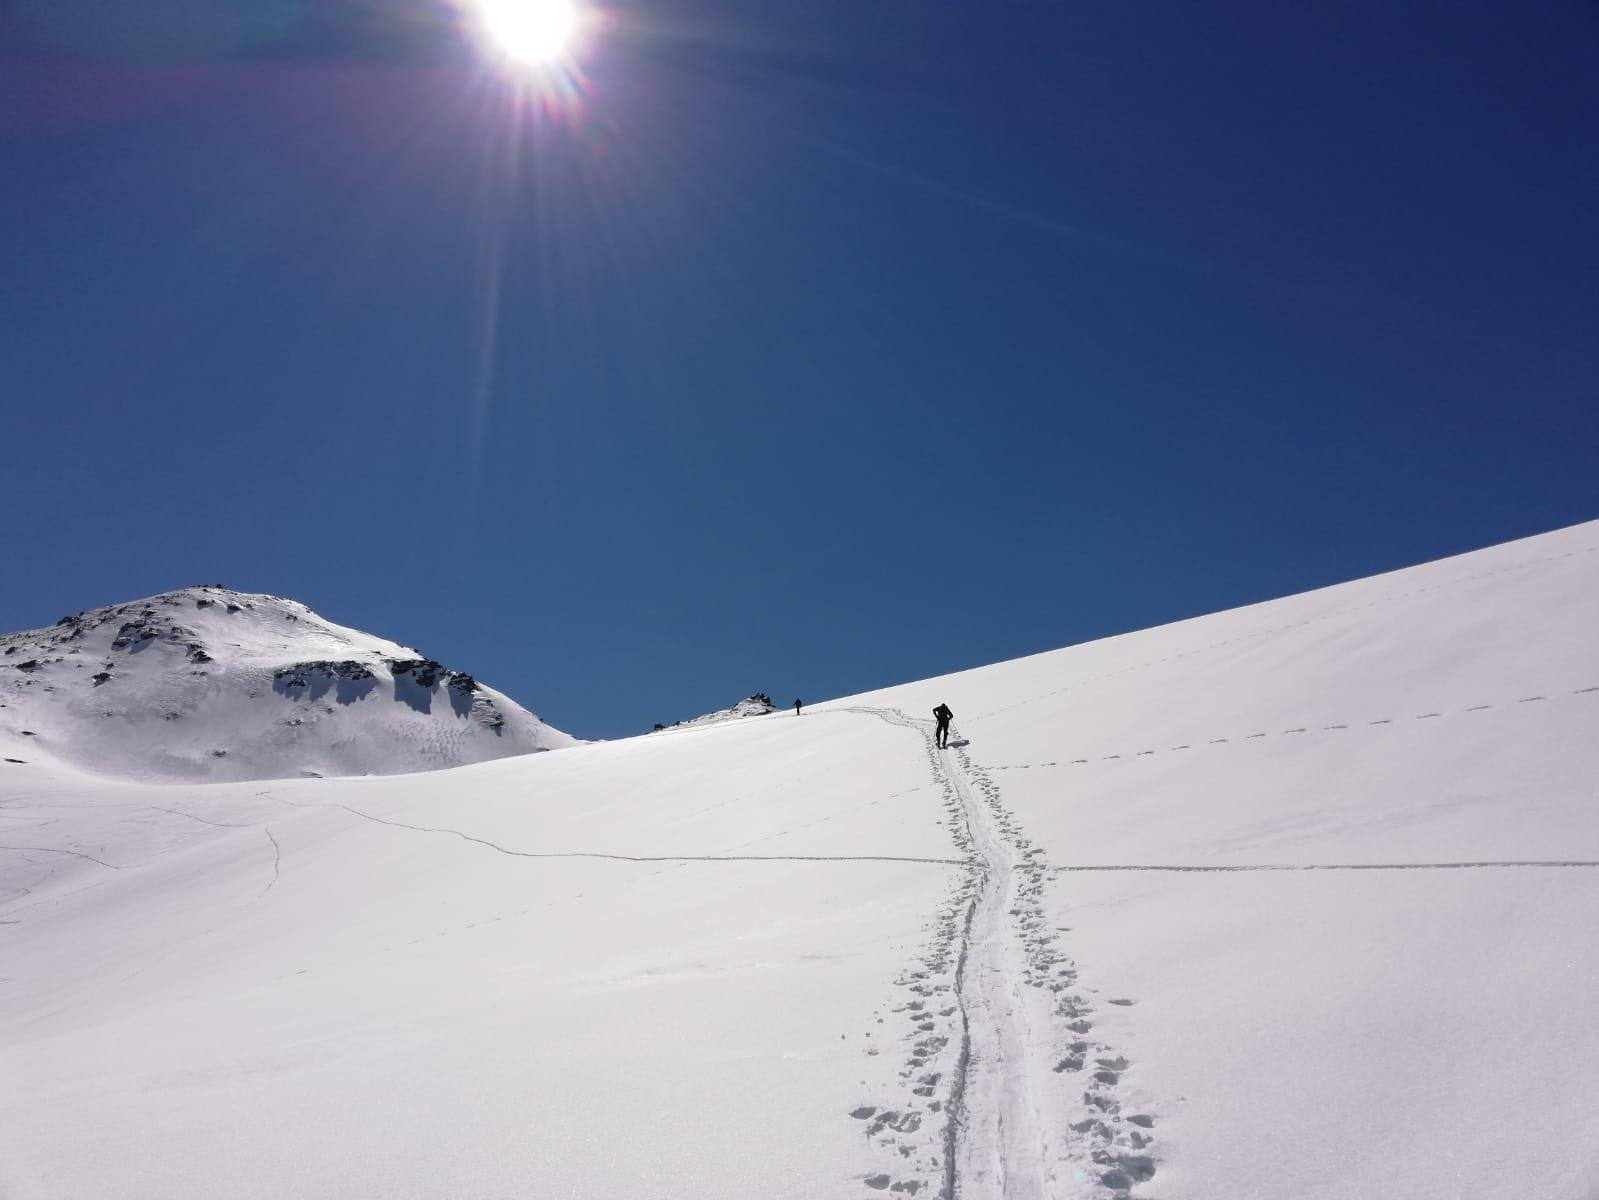 Fresh winter snow - September ski touring in NZ